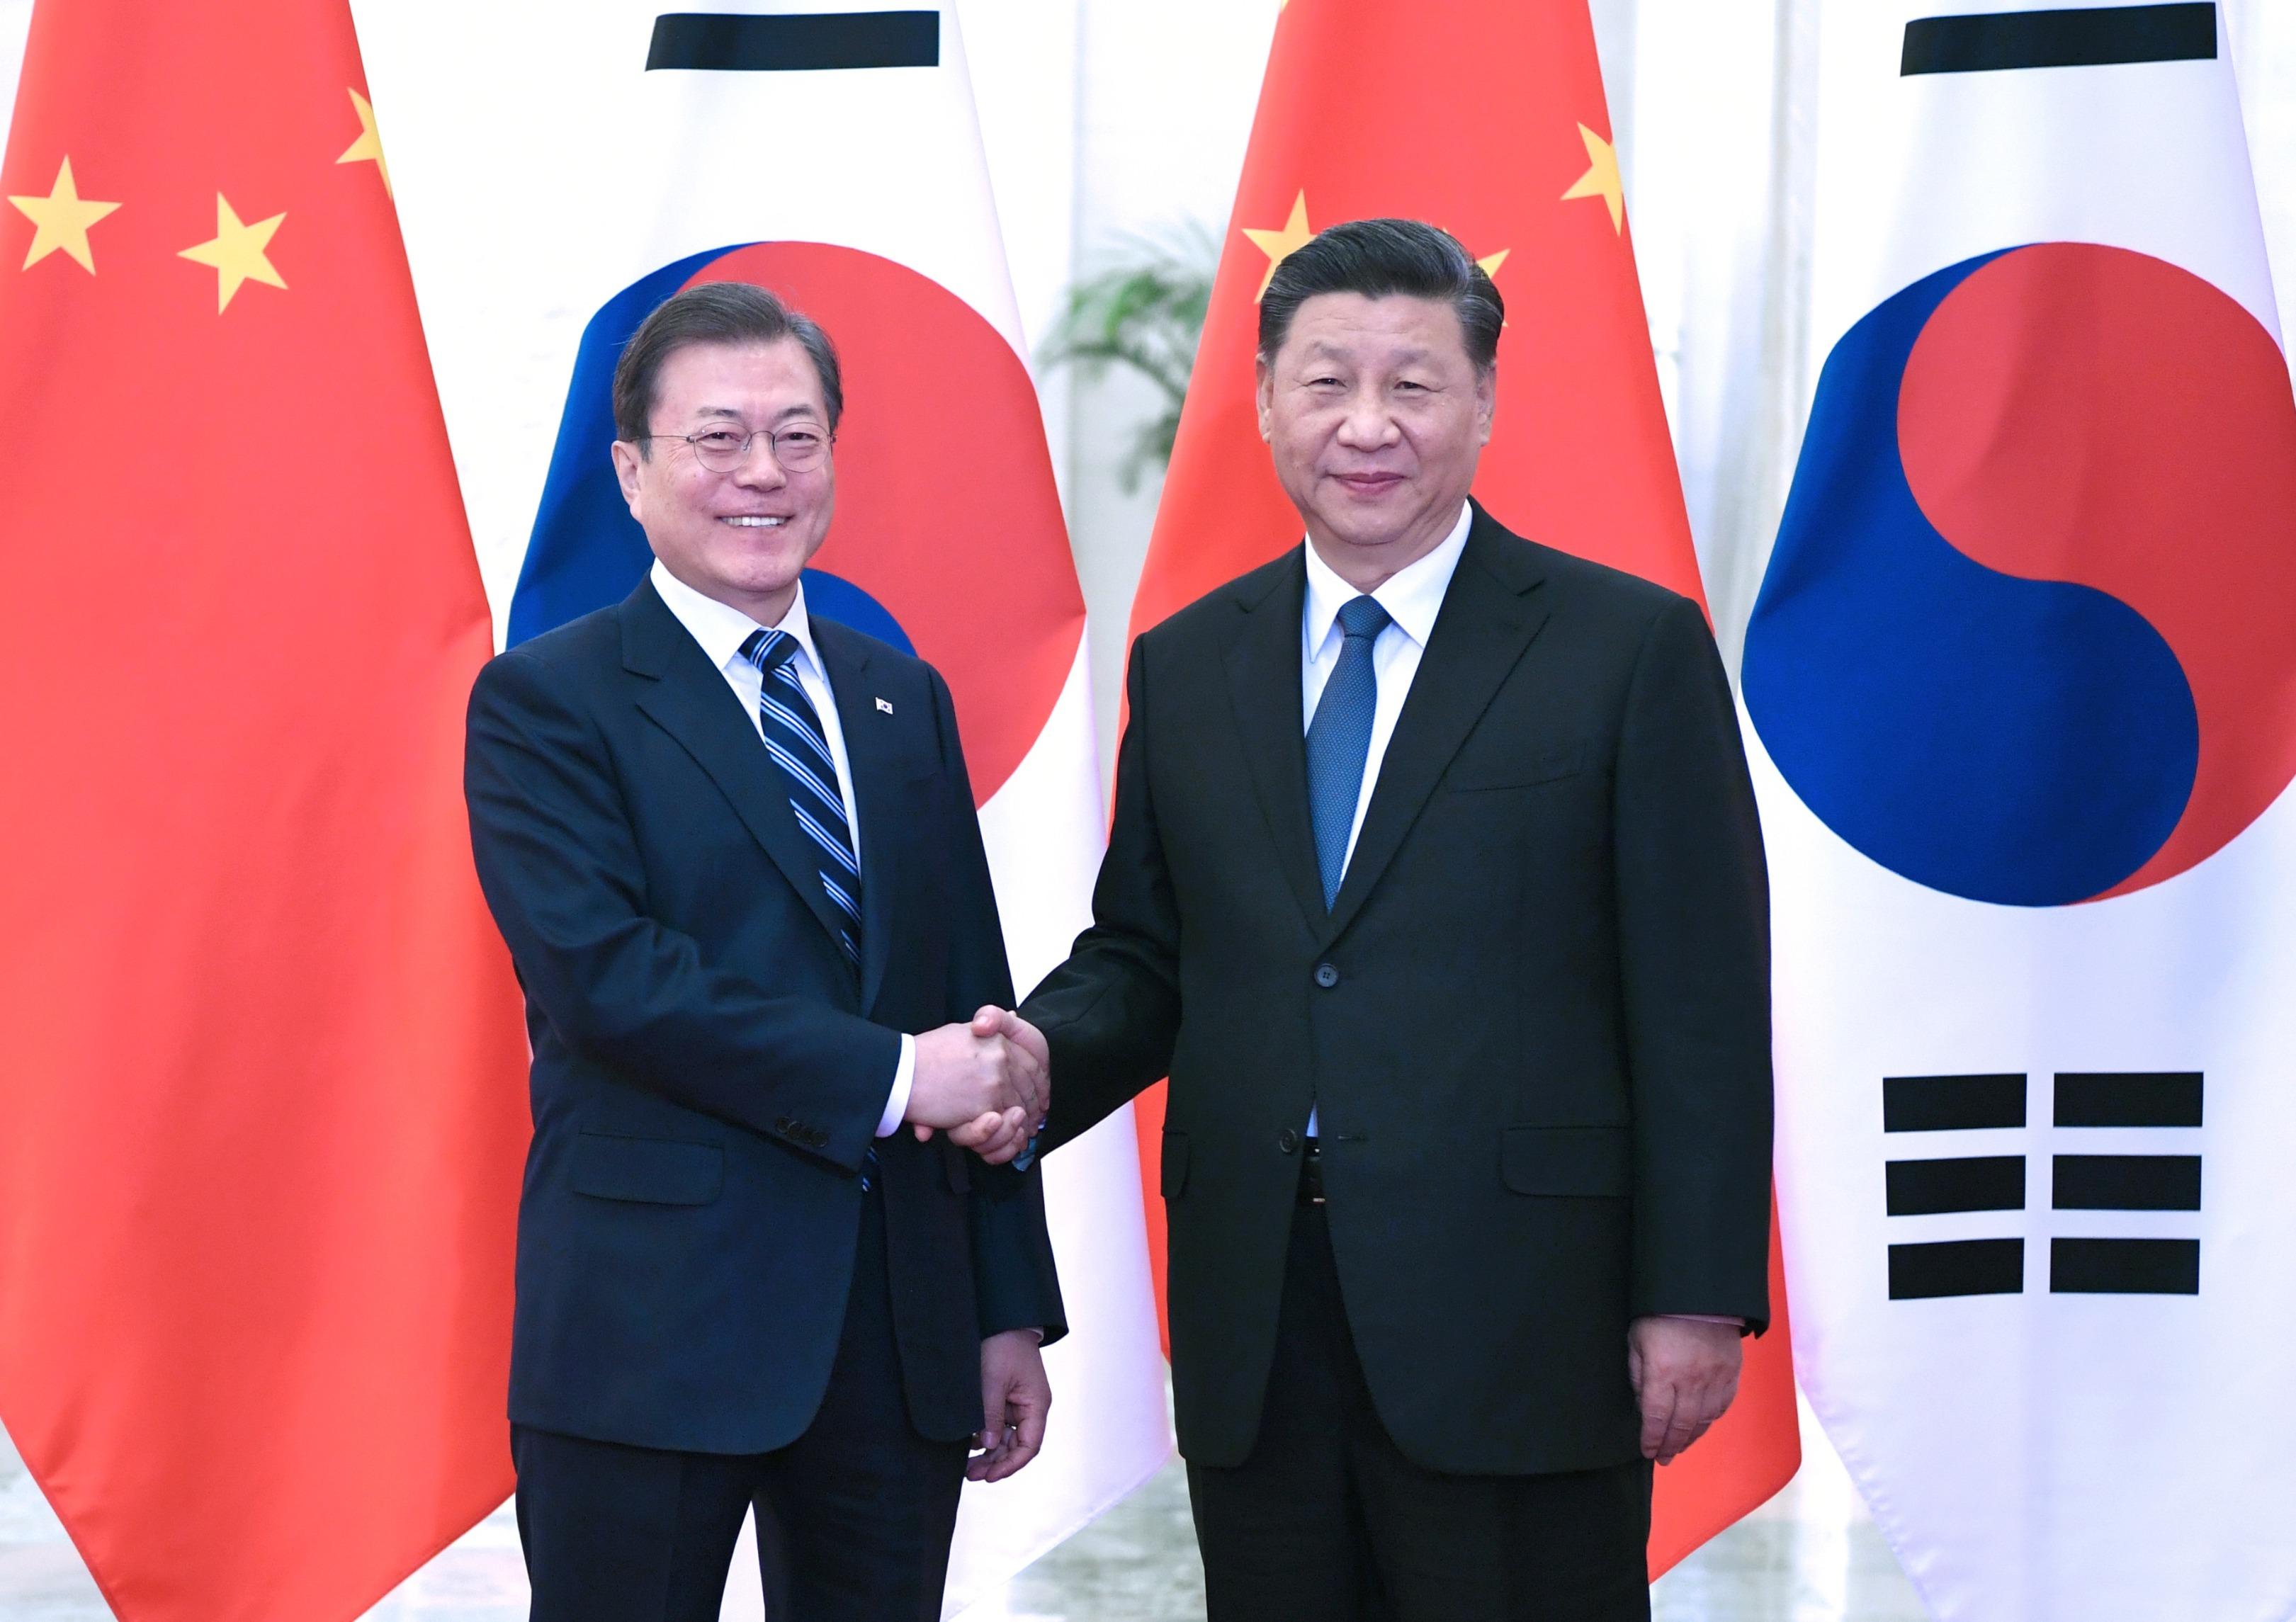 過去も現在も未来も、フットマンとして生きる朝鮮人